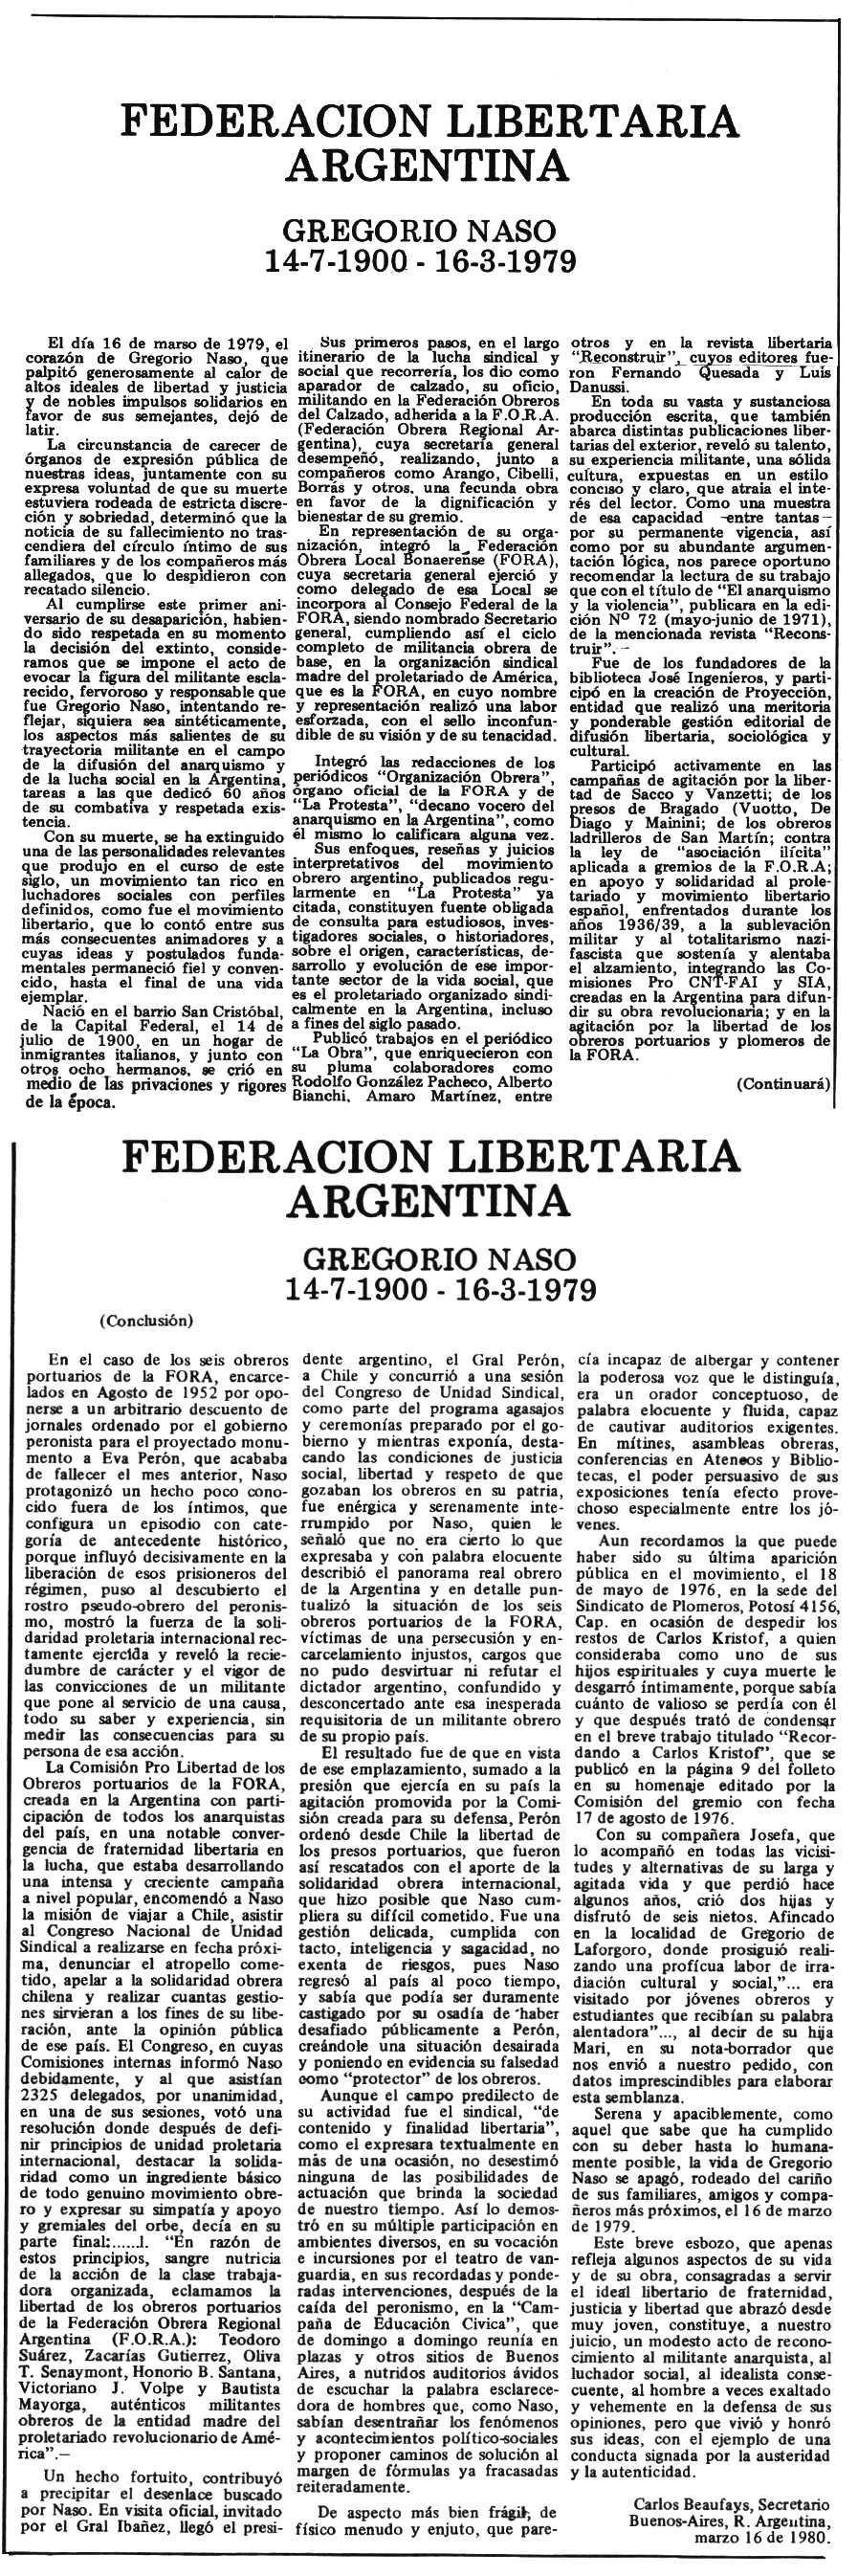 """Necrològica de Gregorio Naso publicada en el periòdic tolosà """"Espoir"""" del 5 i 19 de juliol de 1980"""